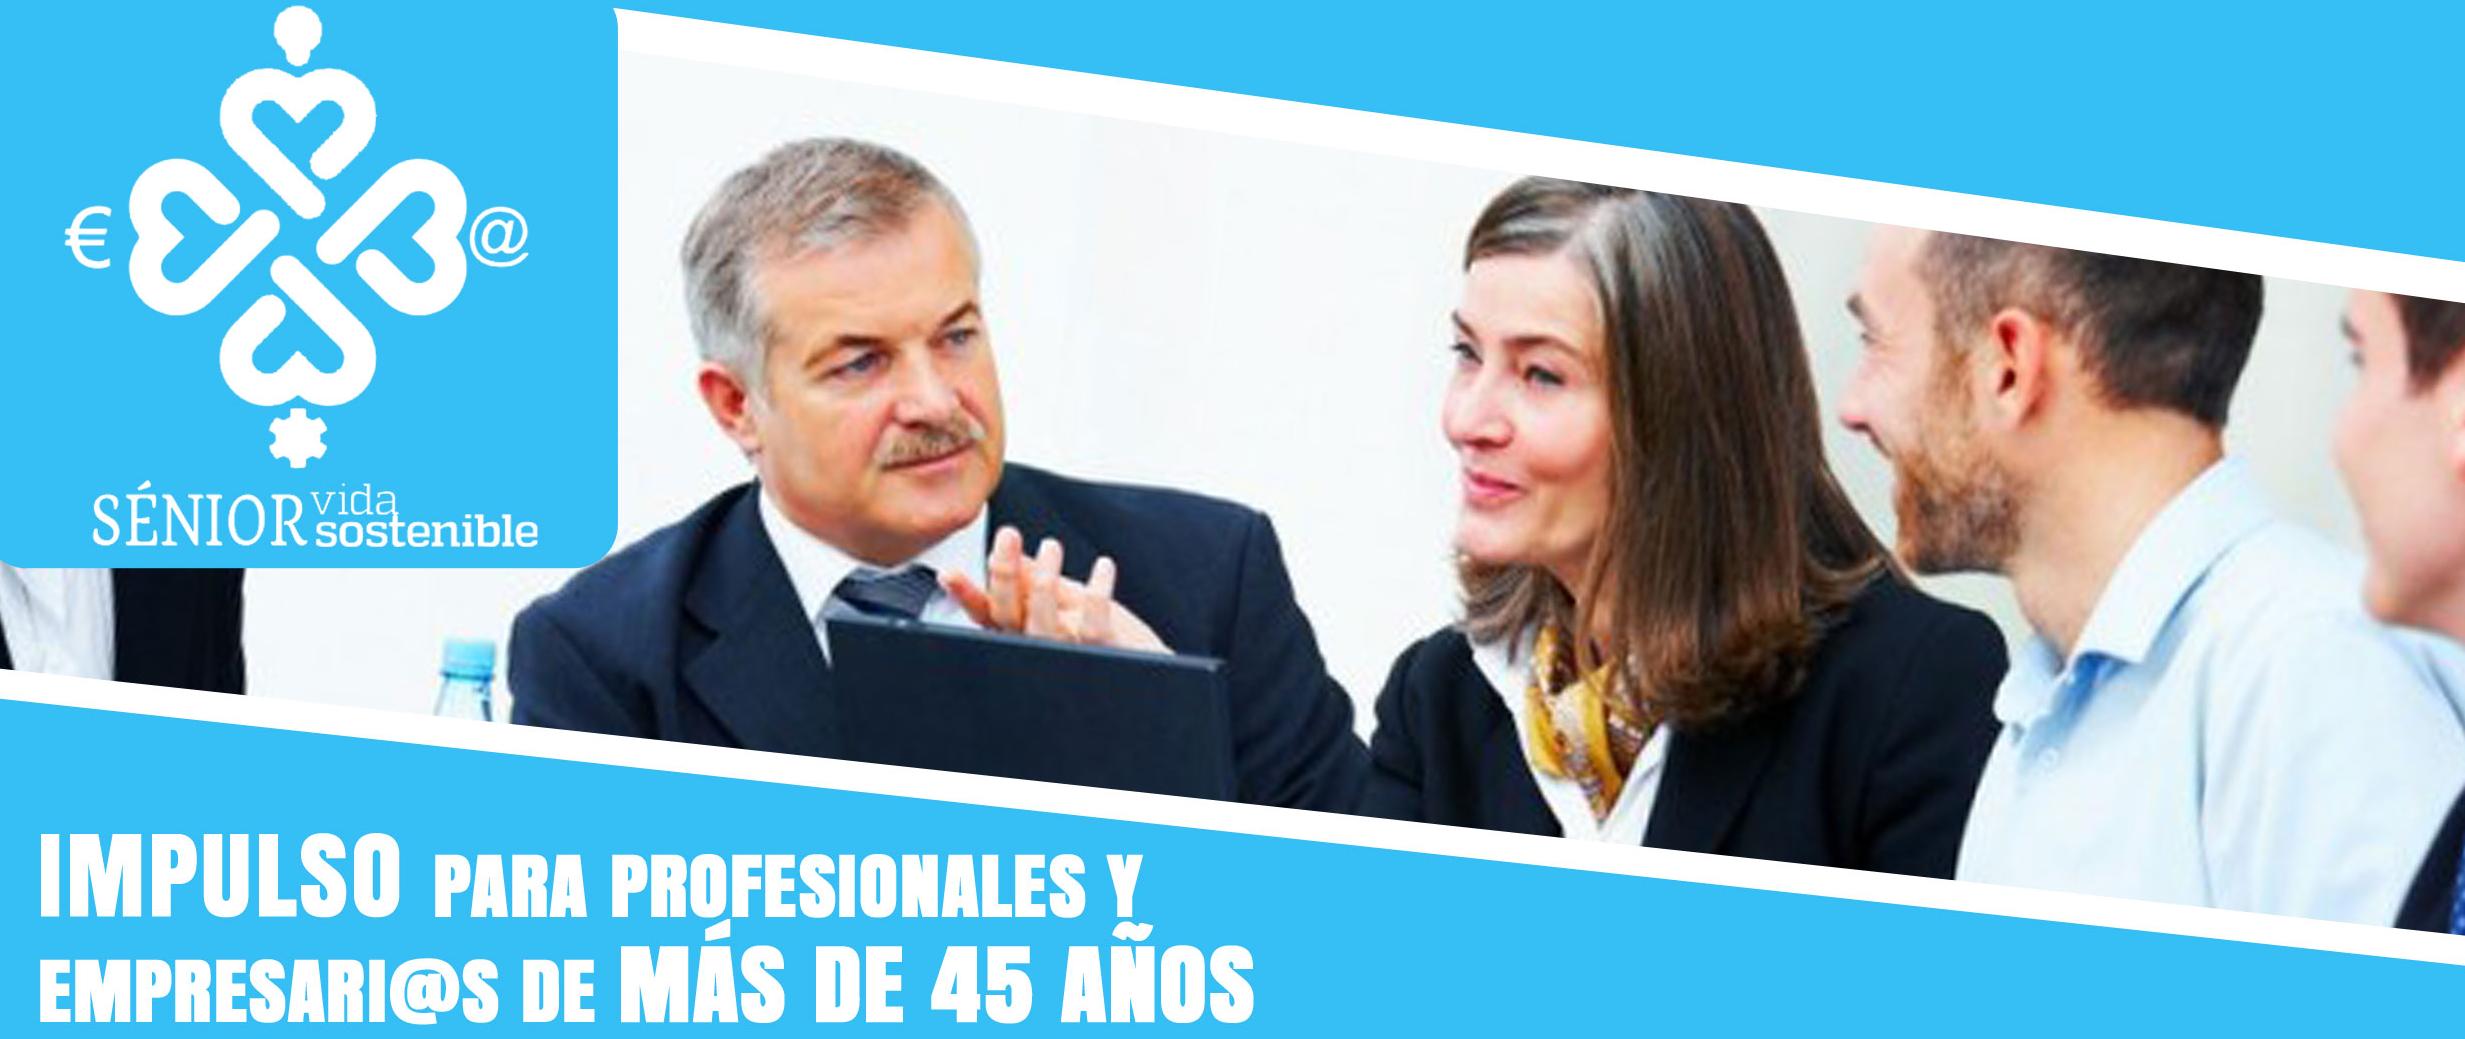 Impulso para profesionales y empresarias de más de 45 años